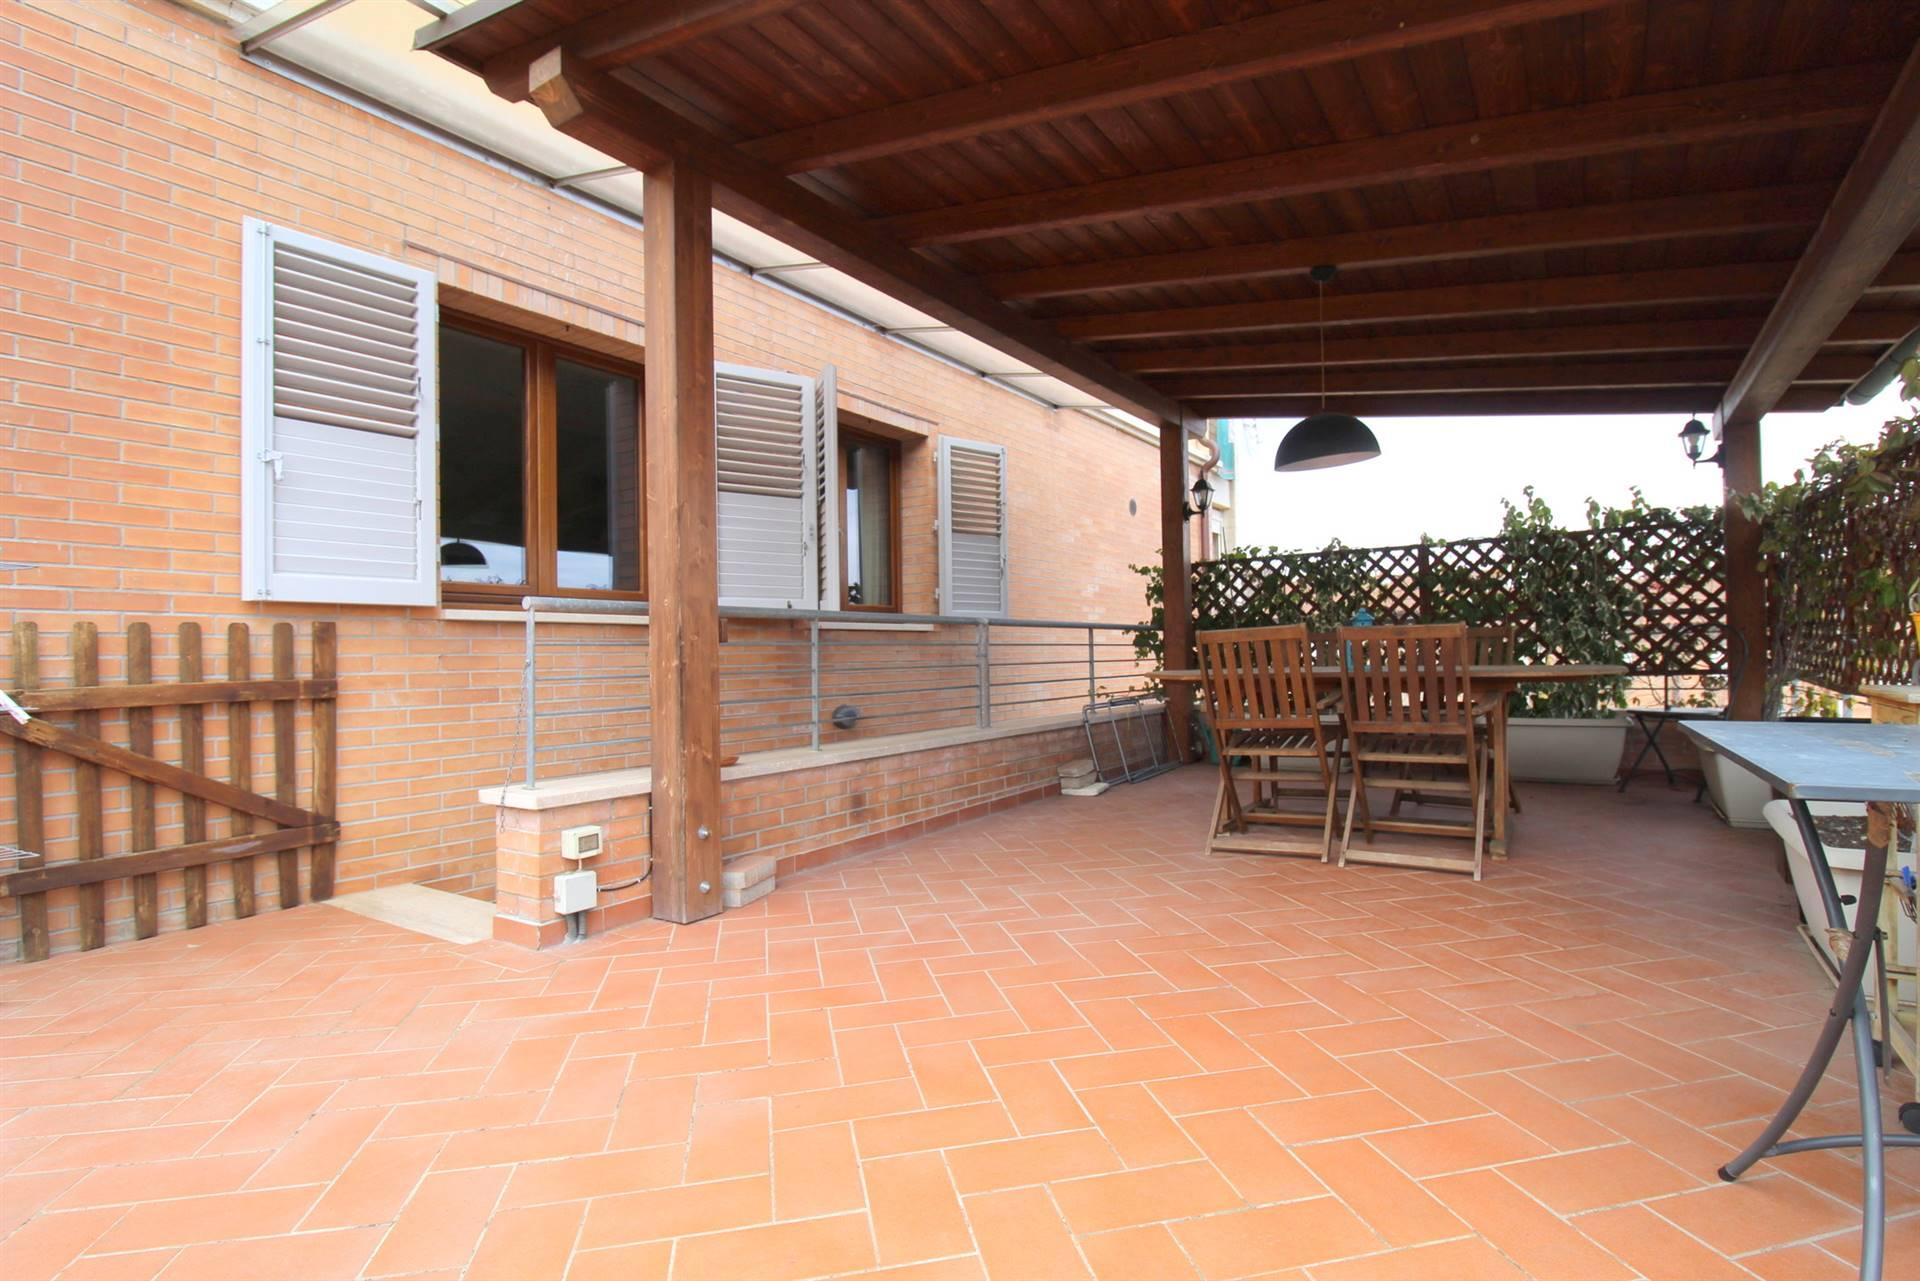 Villa a Schiera in vendita a Monteroni d'Arbia, 5 locali, prezzo € 320.000 | CambioCasa.it